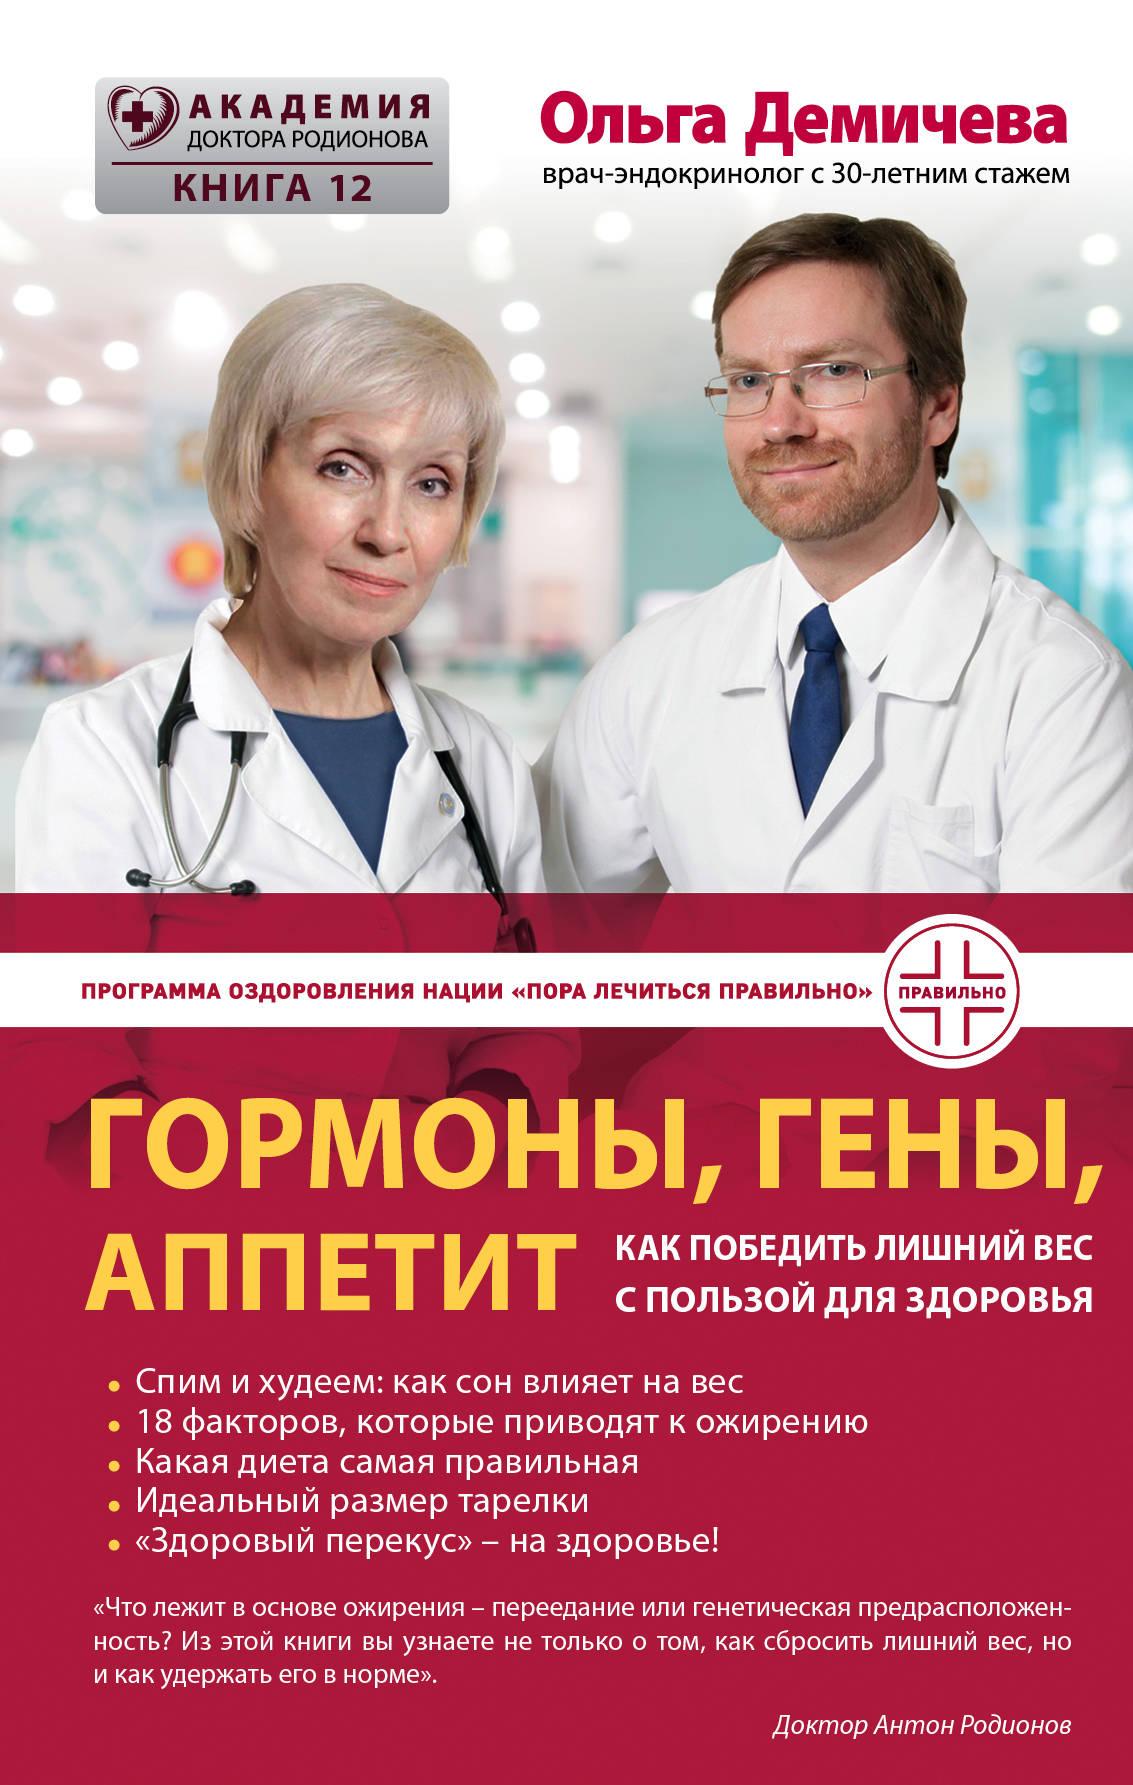 Ольга Демичева Гормоны, гены, аппетит. Как победить лишний вес с пользой для здоровья